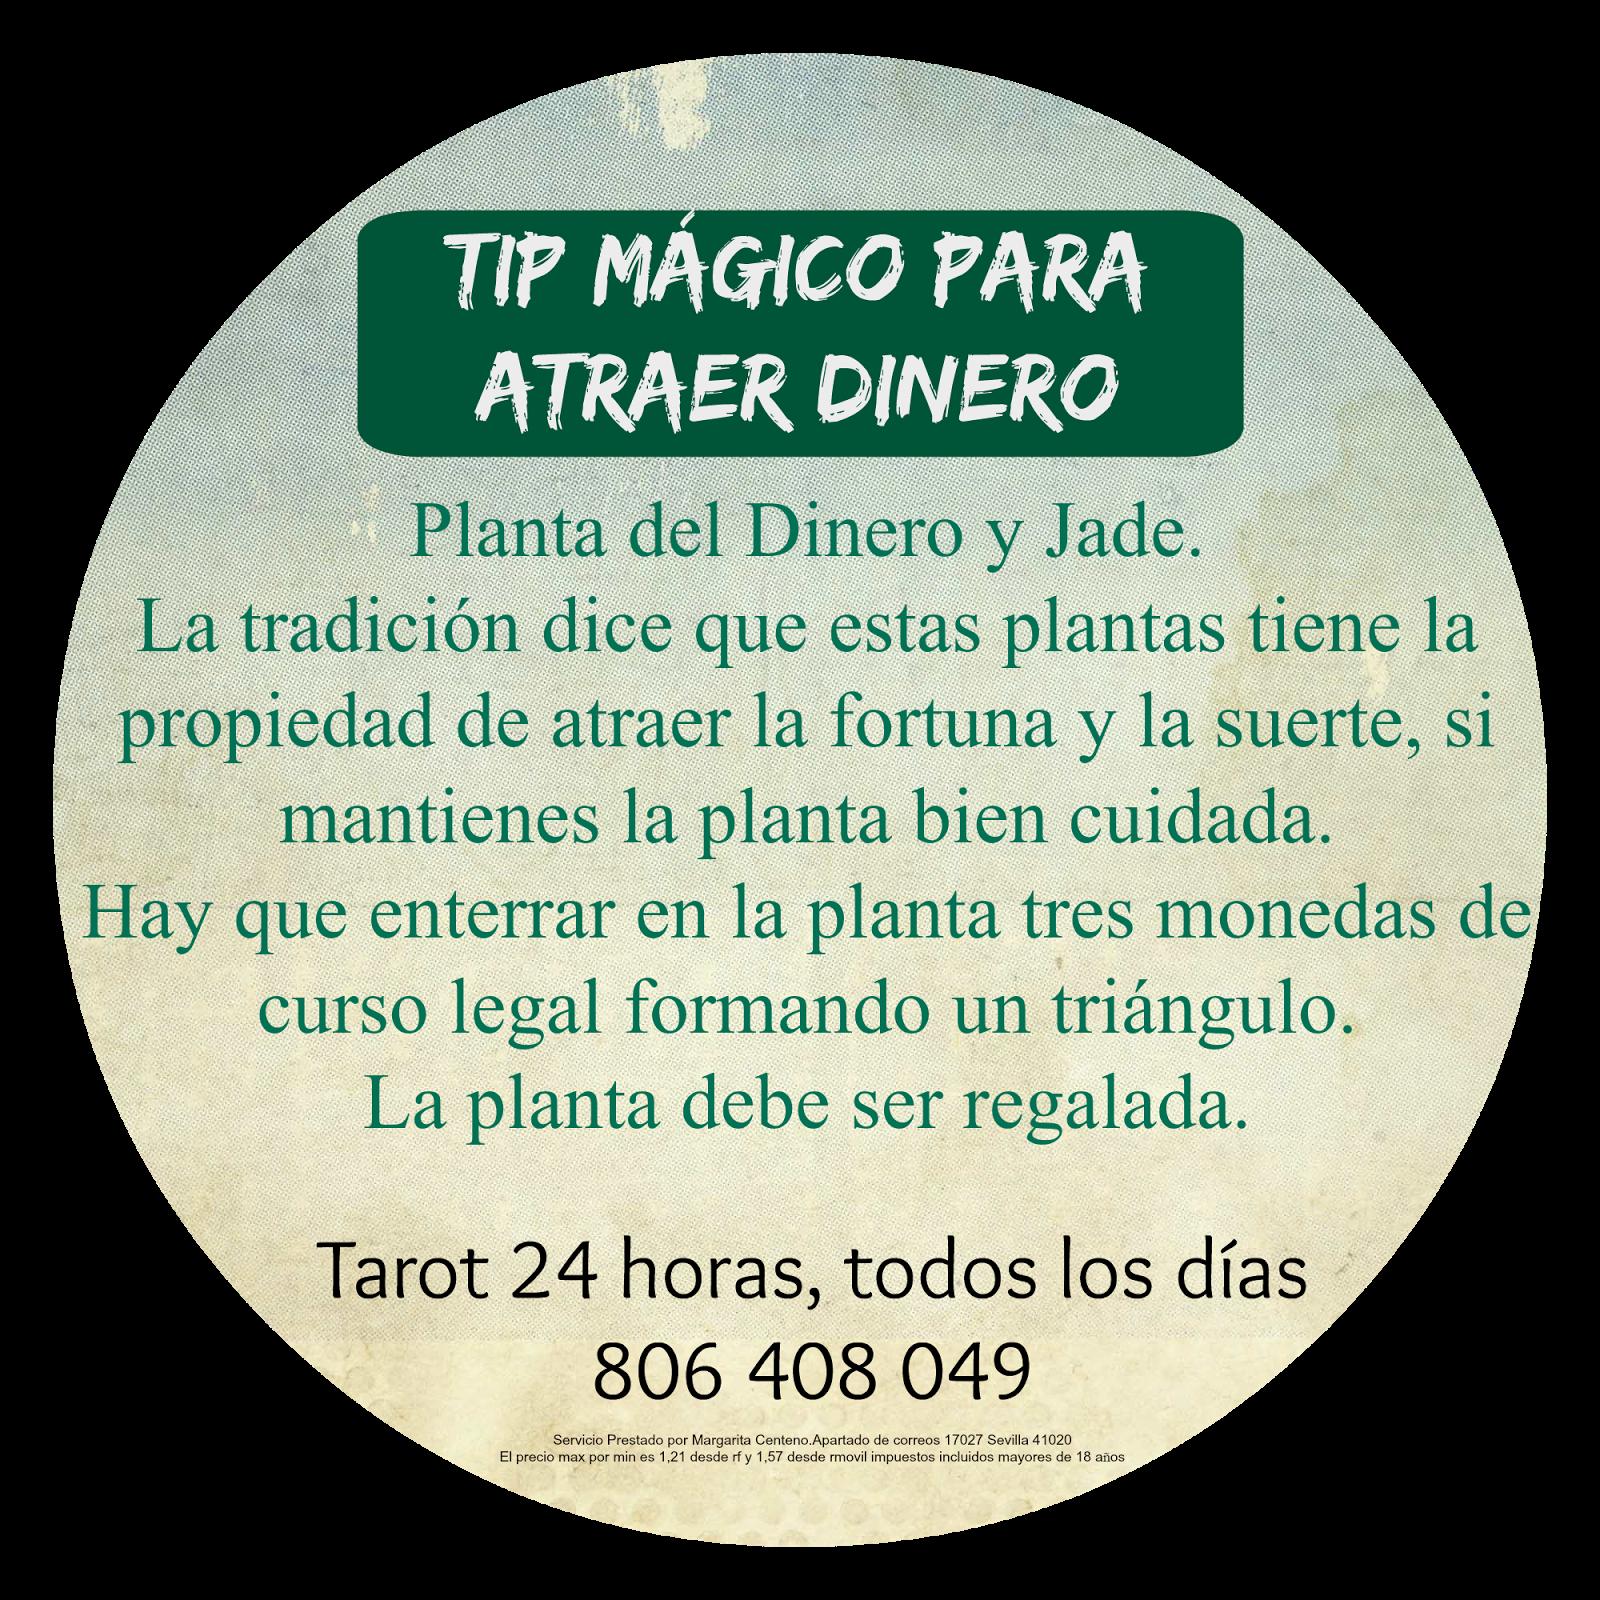 Tarot Y Rituales Con Margui Centeno Magia Blanca Consejo Mágico Para Atraer El Dinero Hechizos Y Conjuros Magia Blanca Tarot